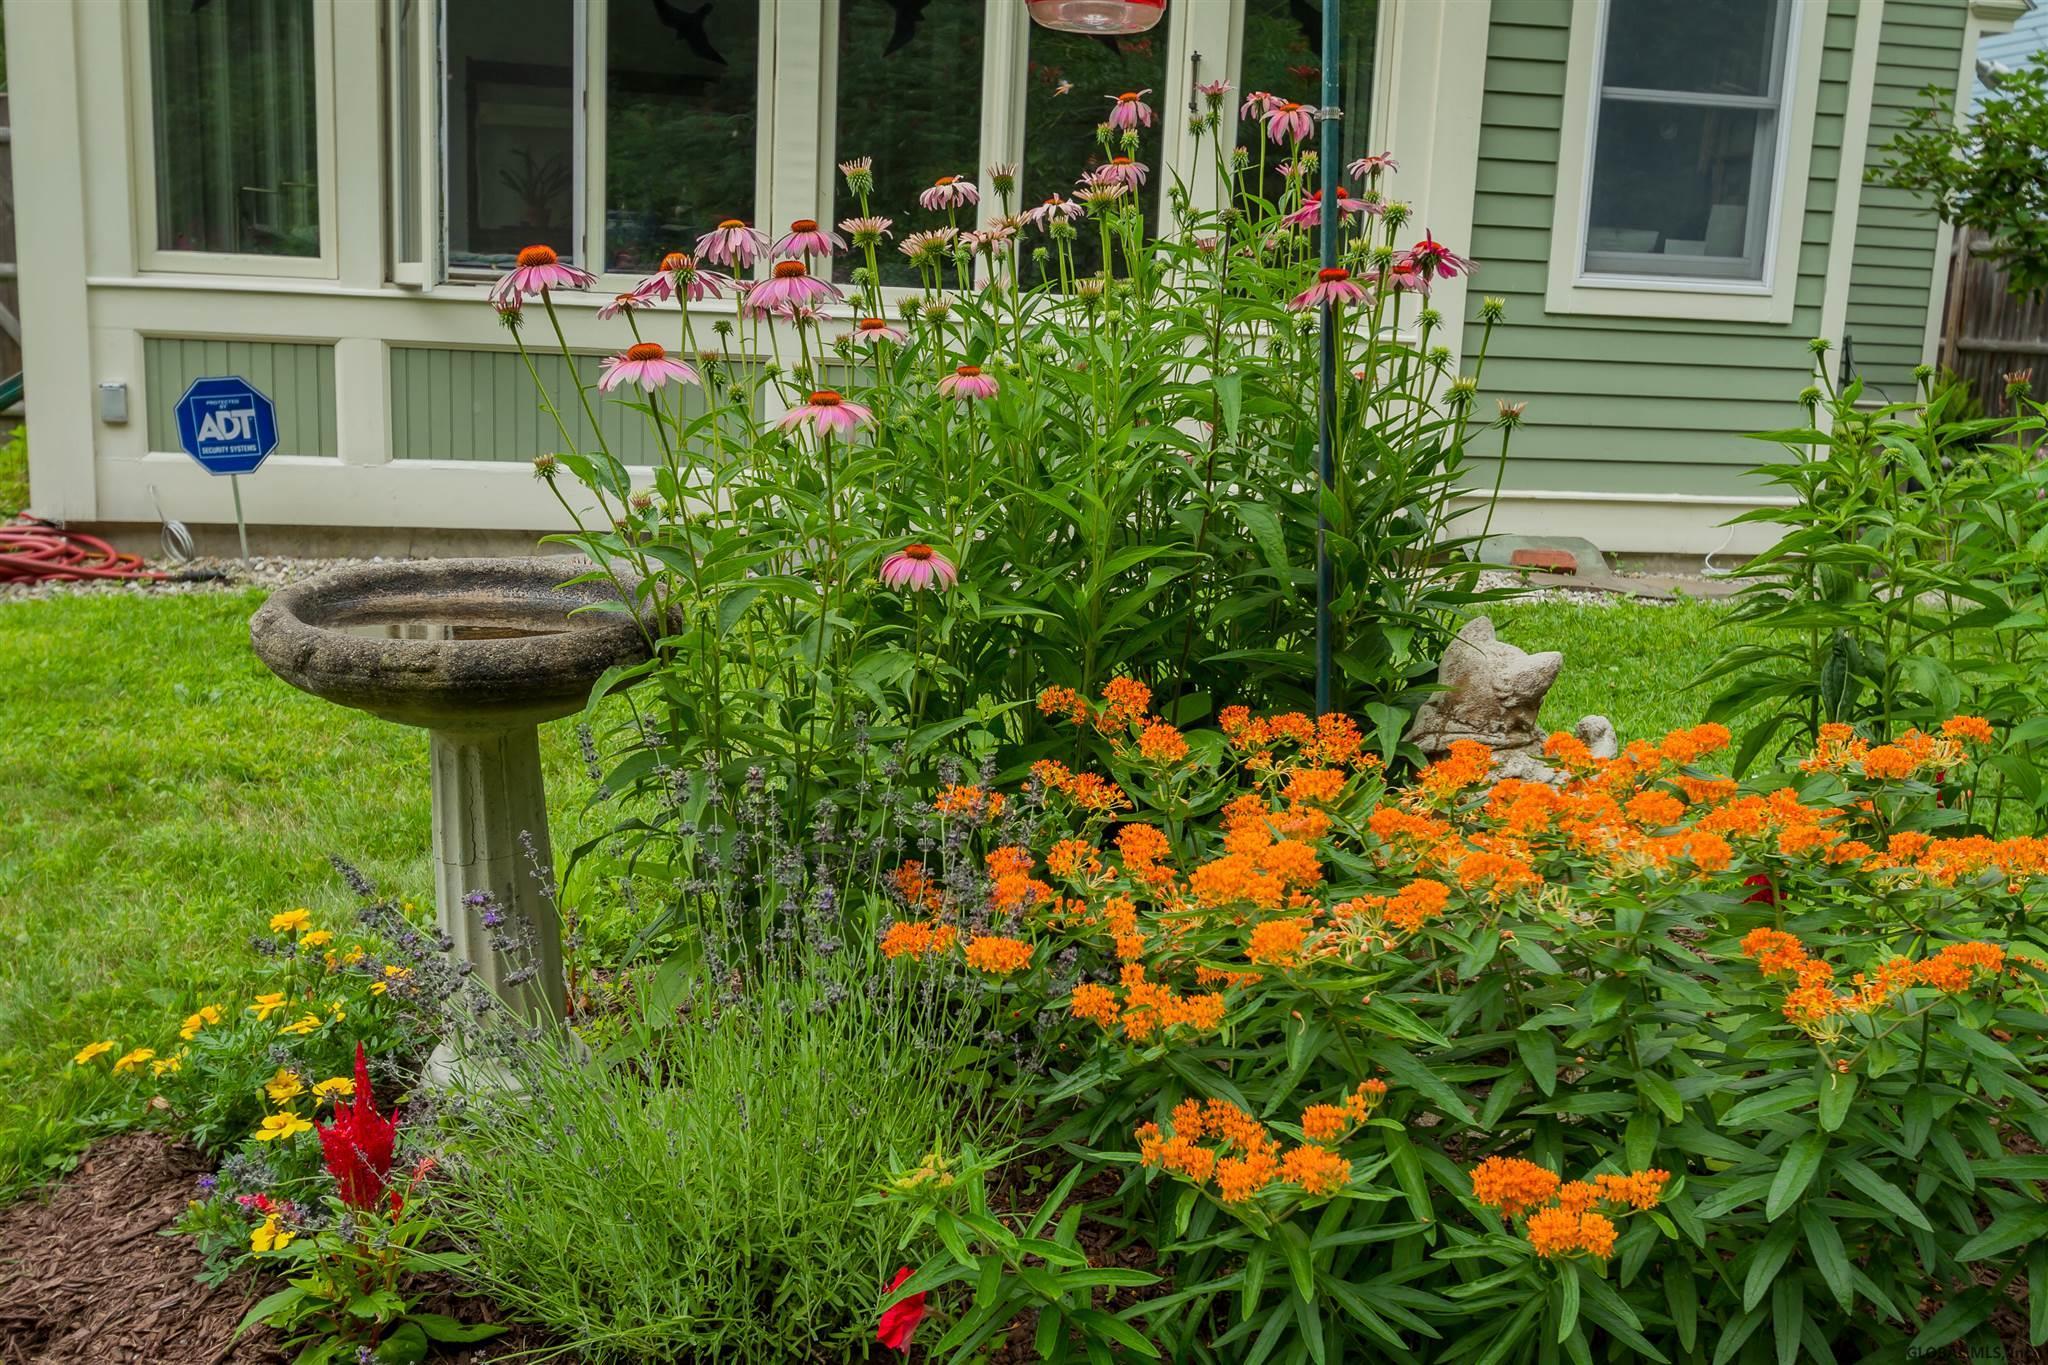 Saratoga S image 50